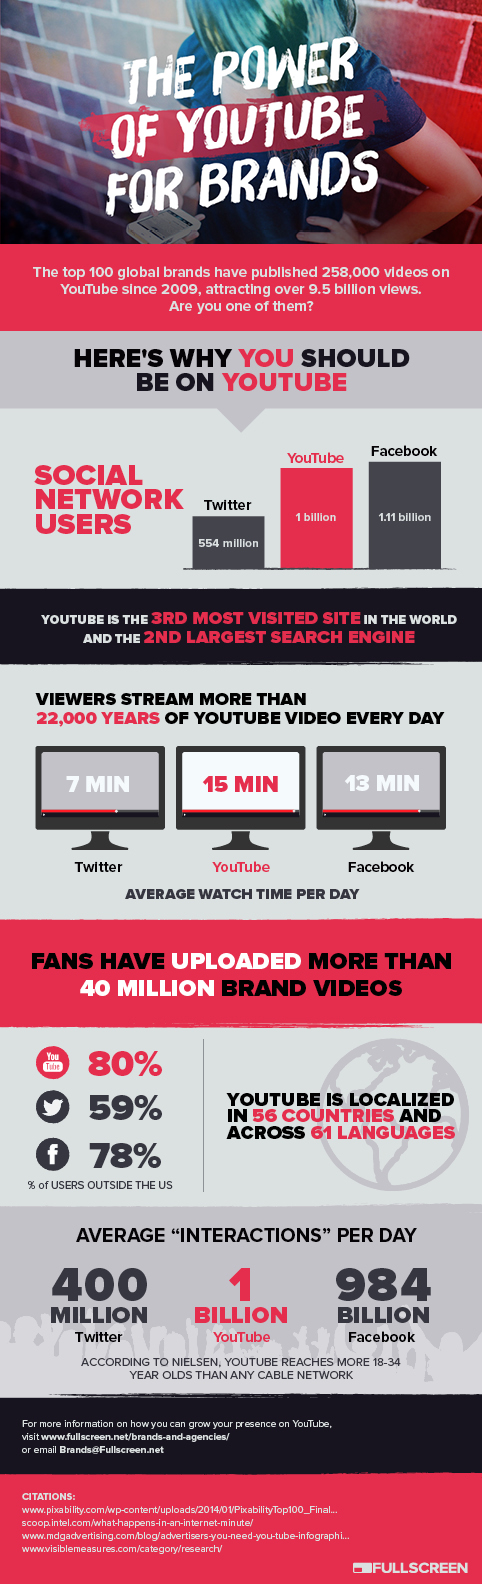 the-power-of-brands-on-youtube_535ee686da9bd.jpg